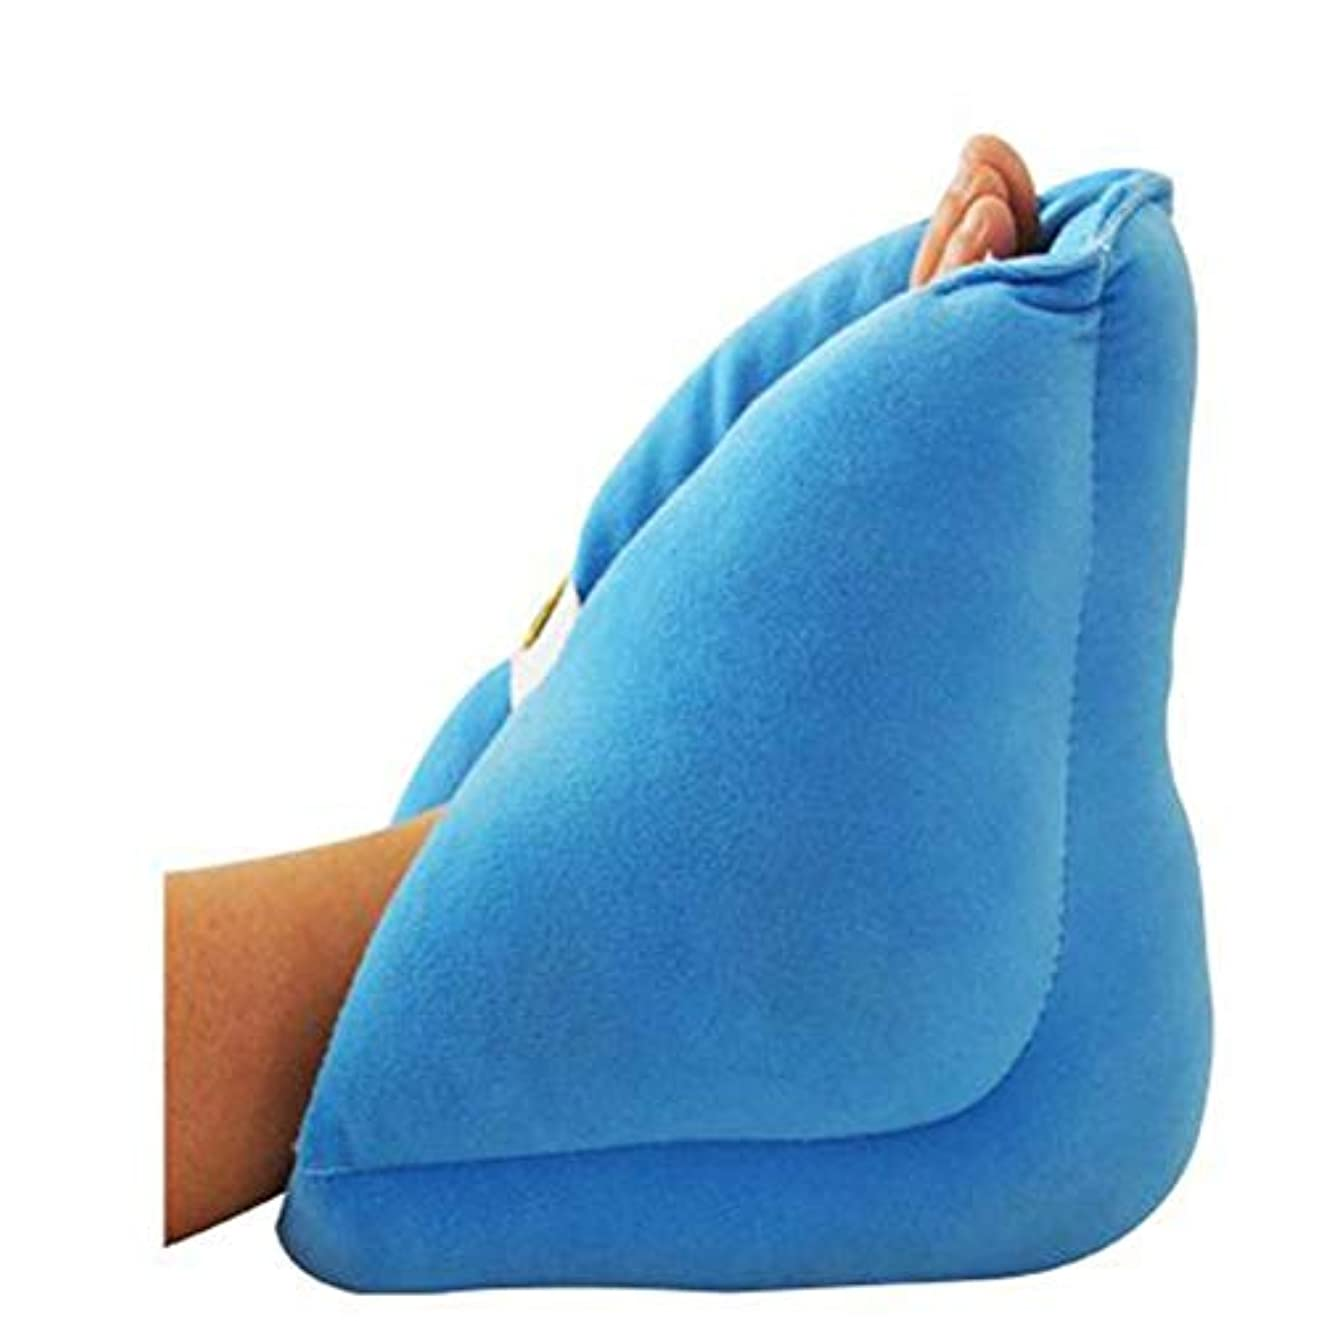 商人同意失速かかとプロテクター枕抗褥瘡??踵保護パッド、抗褥瘡踵パッド寝たきり患者ケア肥厚